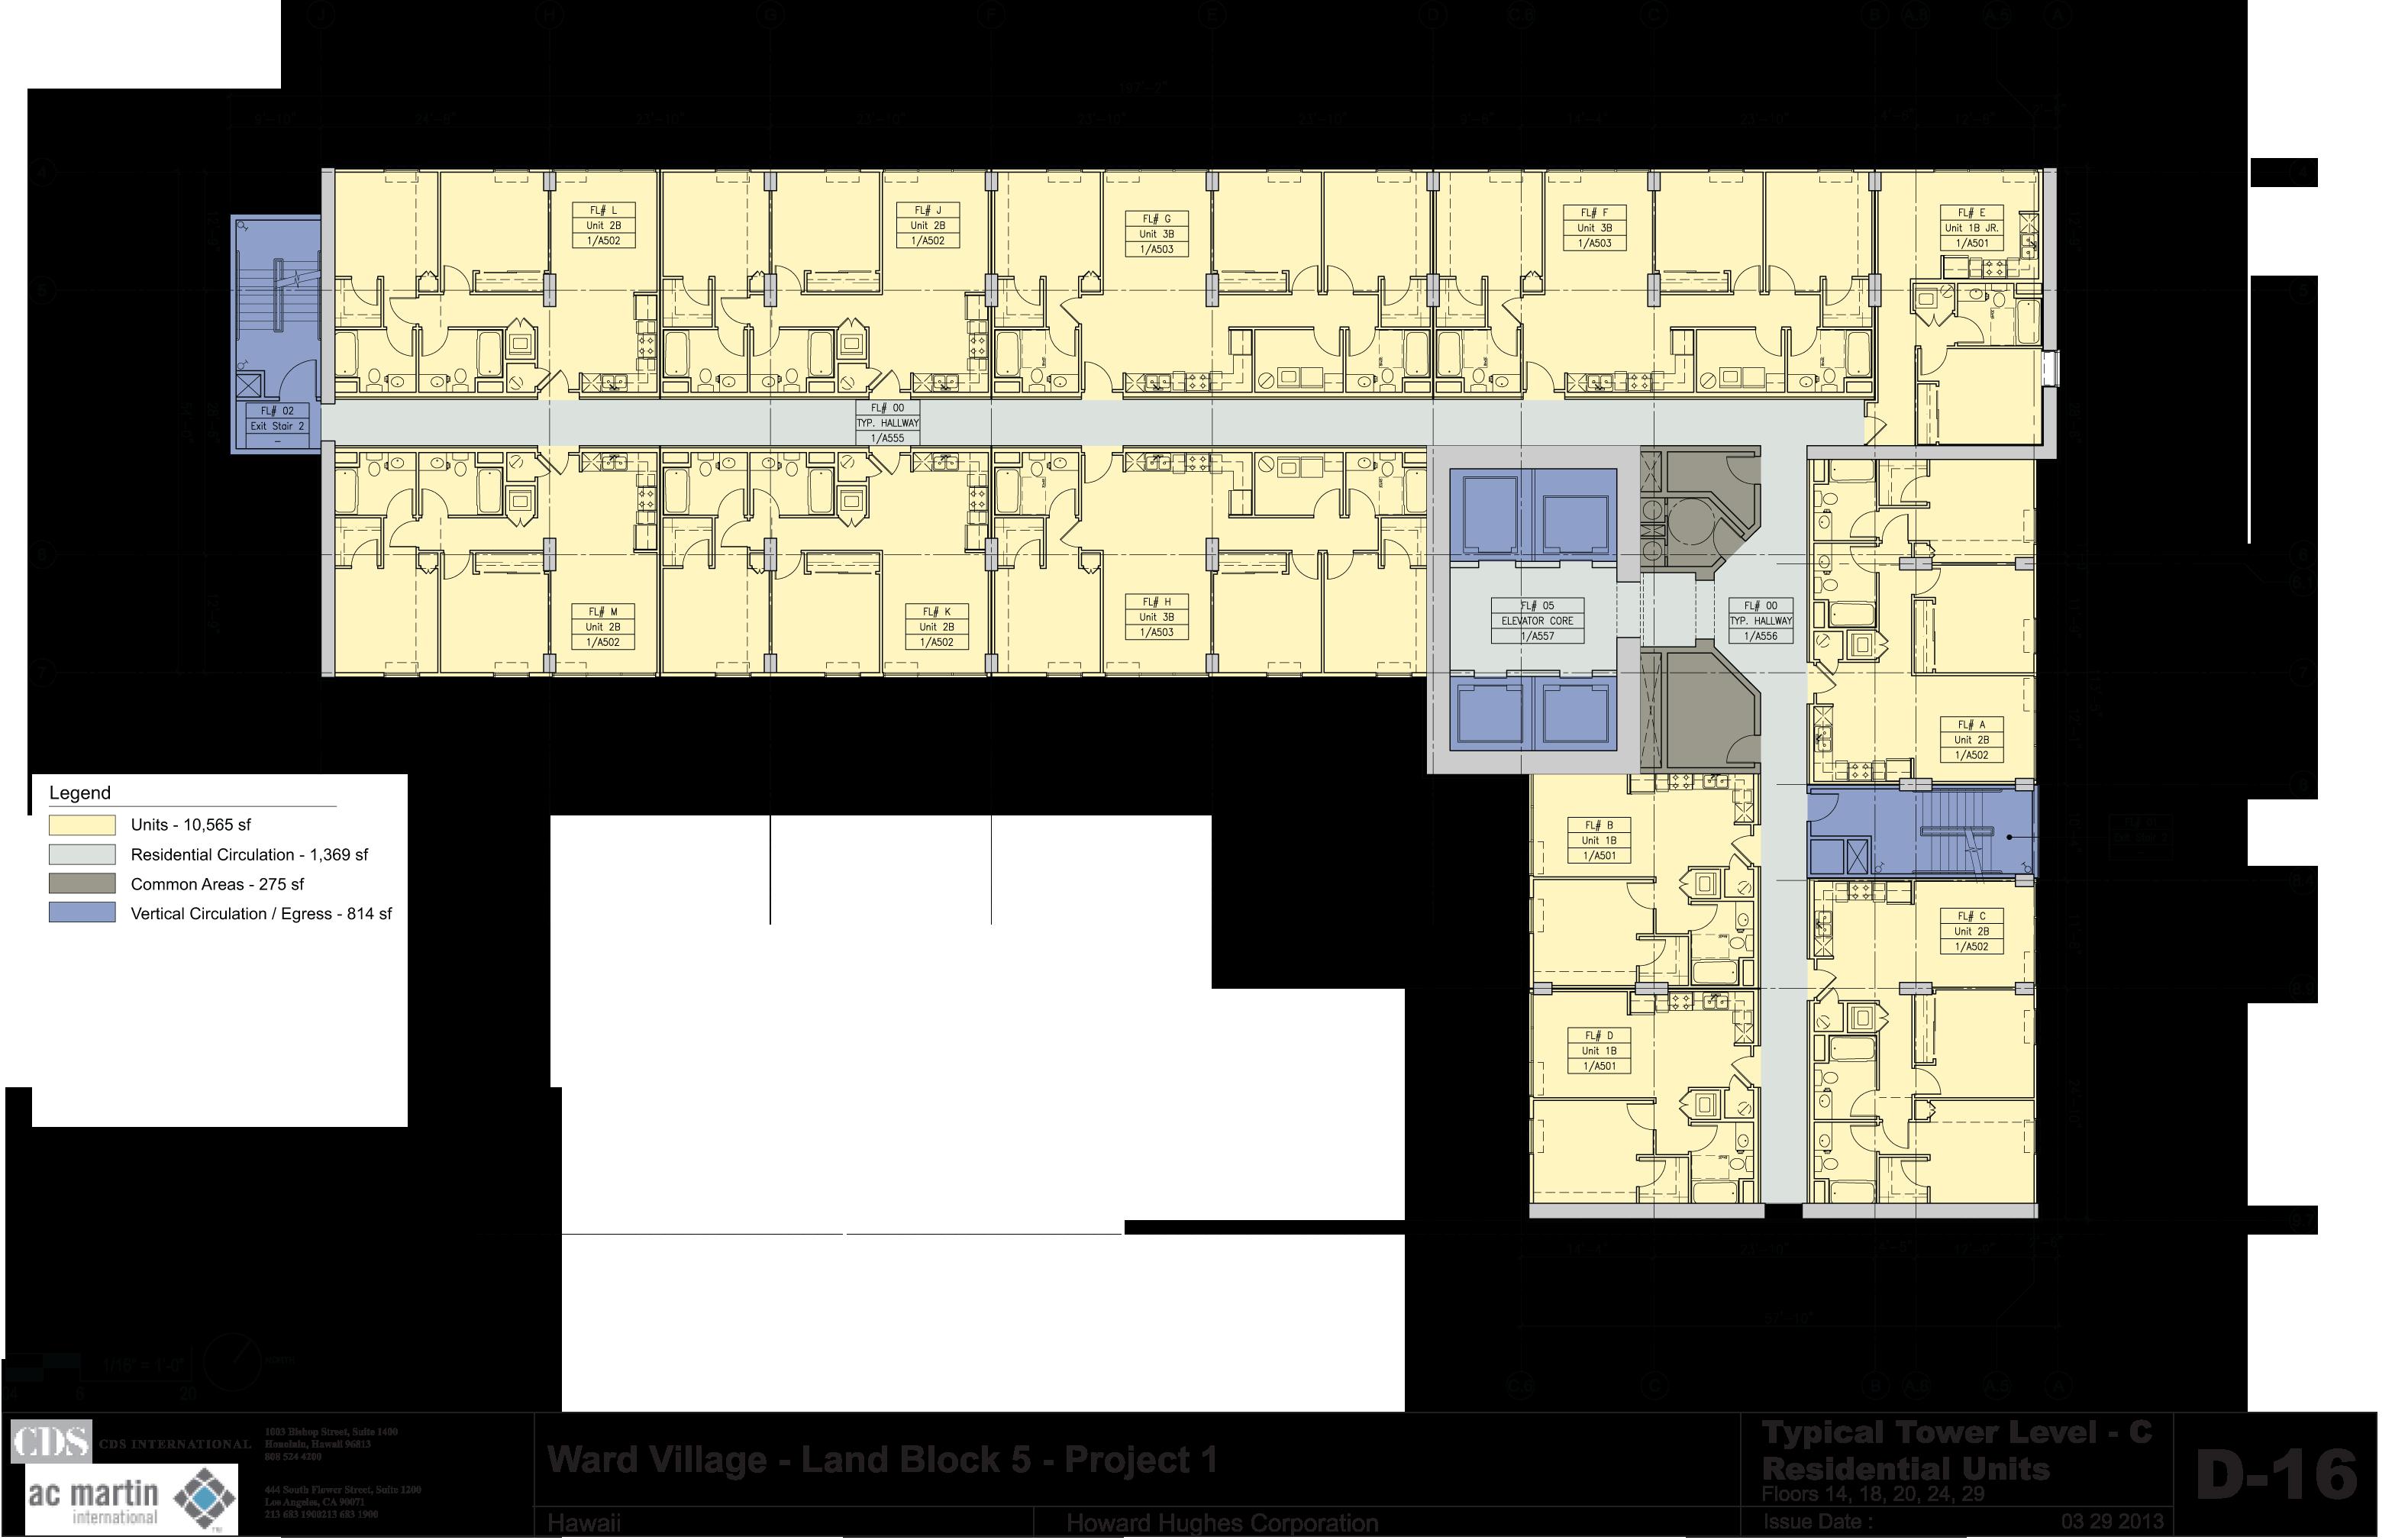 C Floor Plans - 14,18,20,24,29